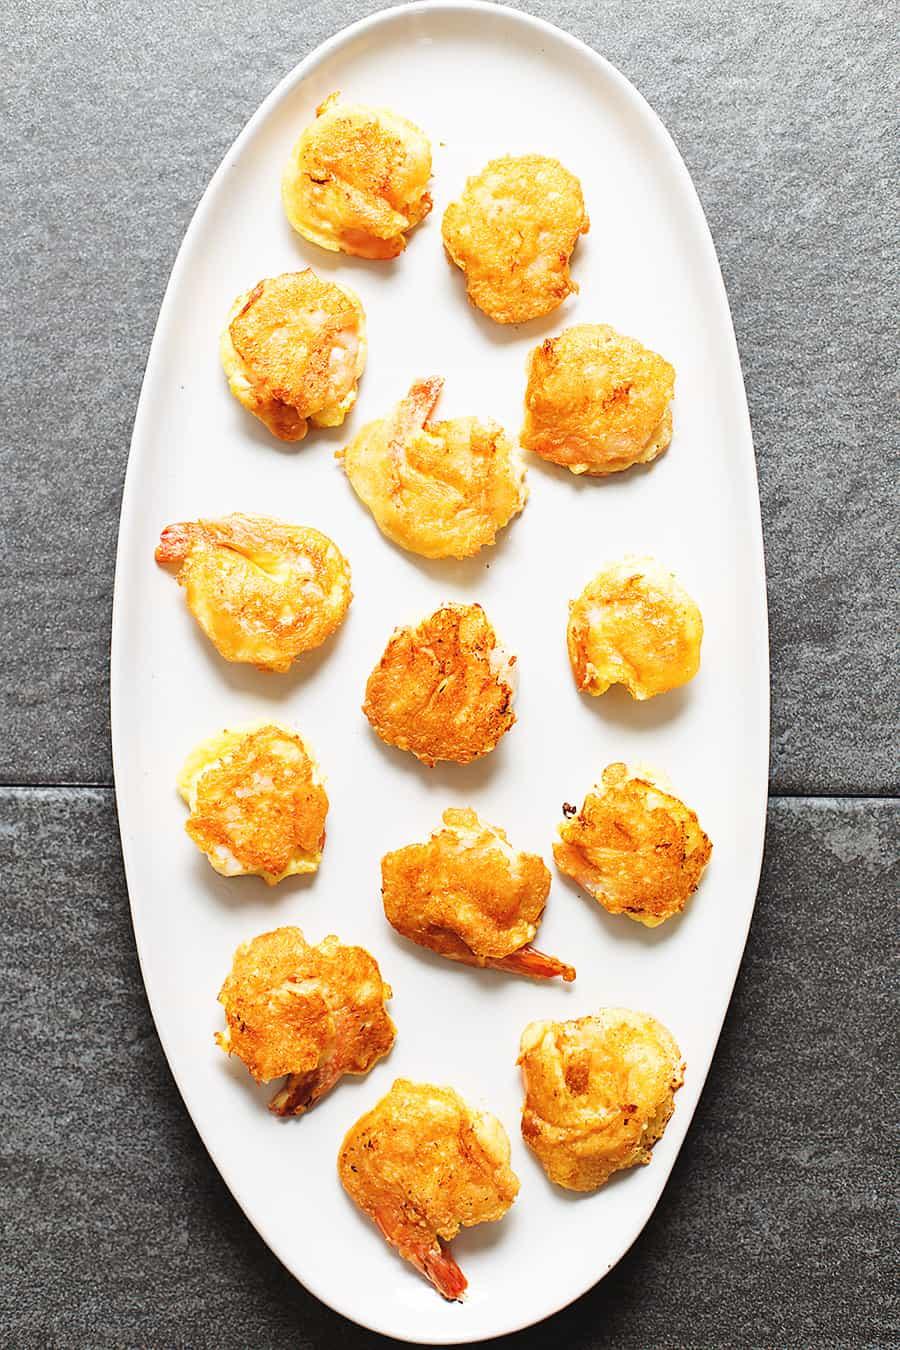 battered shrimp on a platter